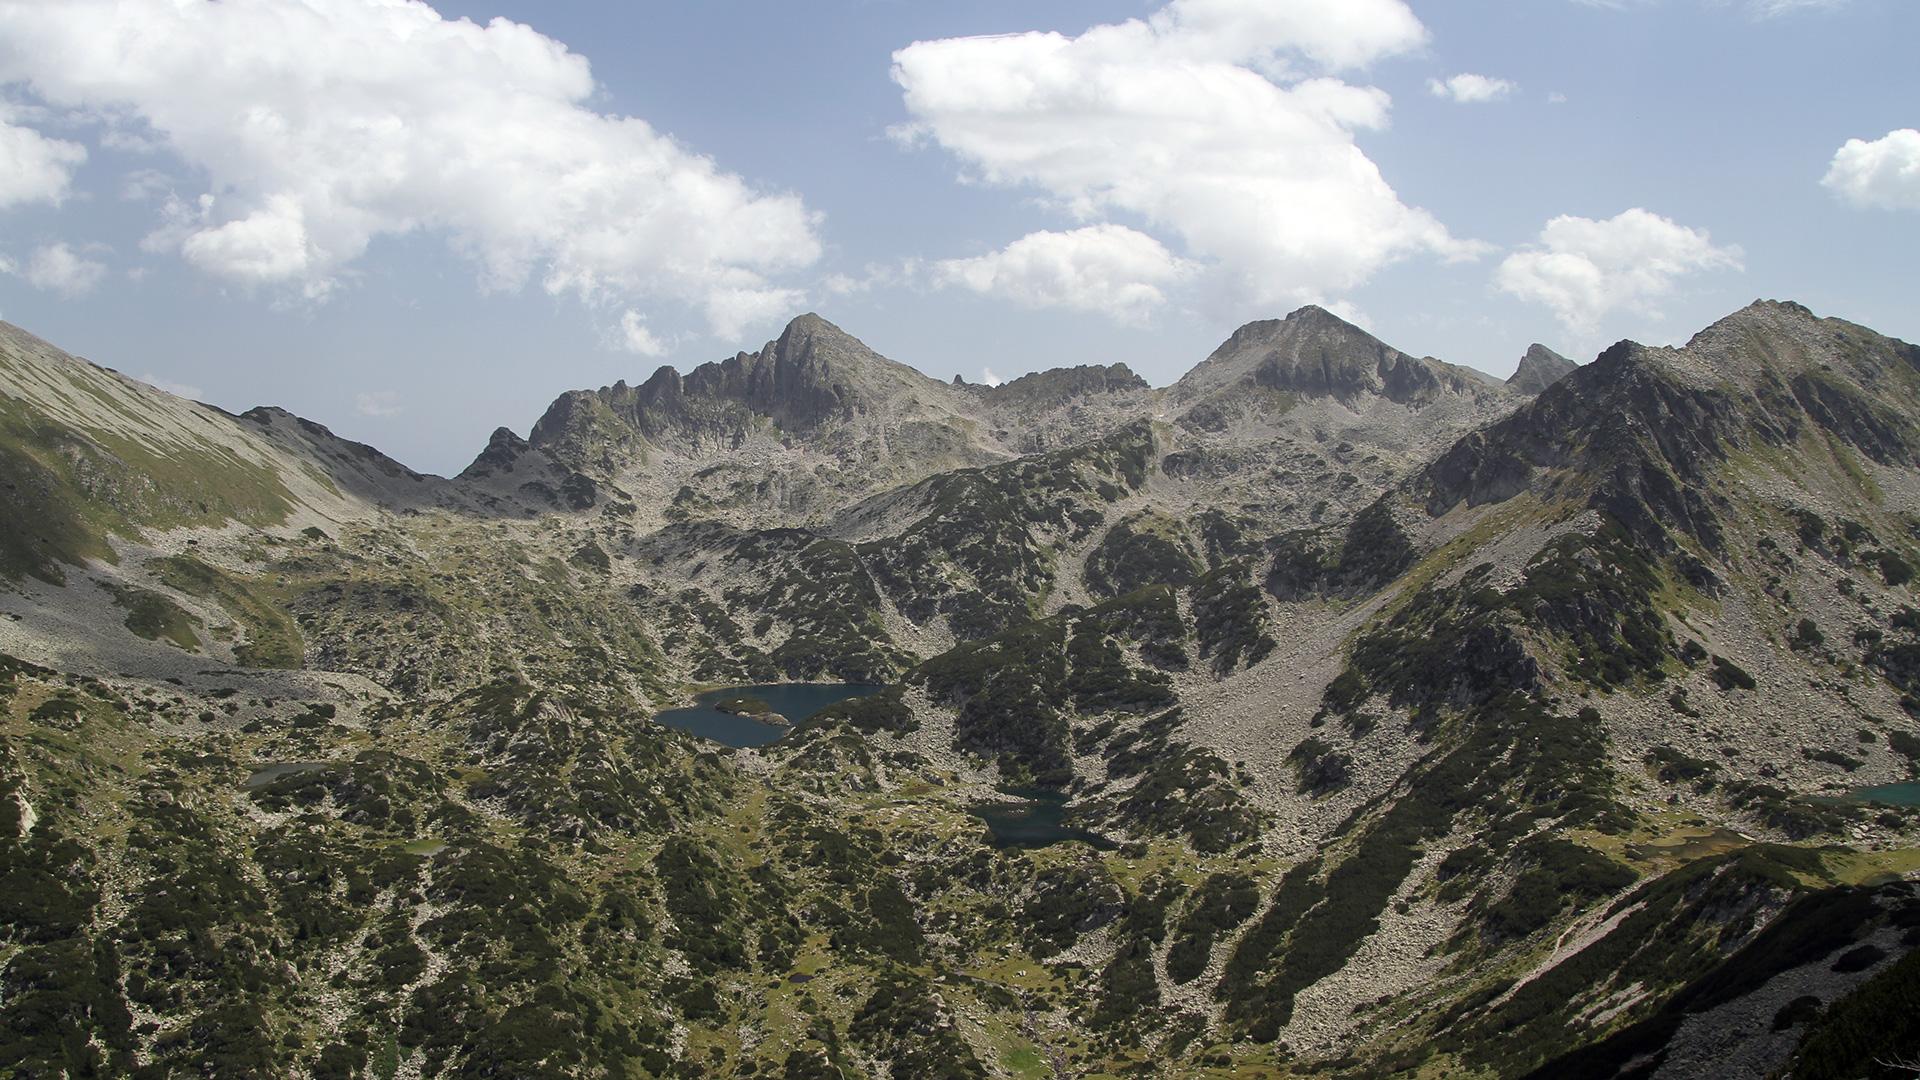 За Пирин – връх Валявишки чукар 2 664 м, връх Момин Двор 2 725 м и връх Дженгал 2 730 м